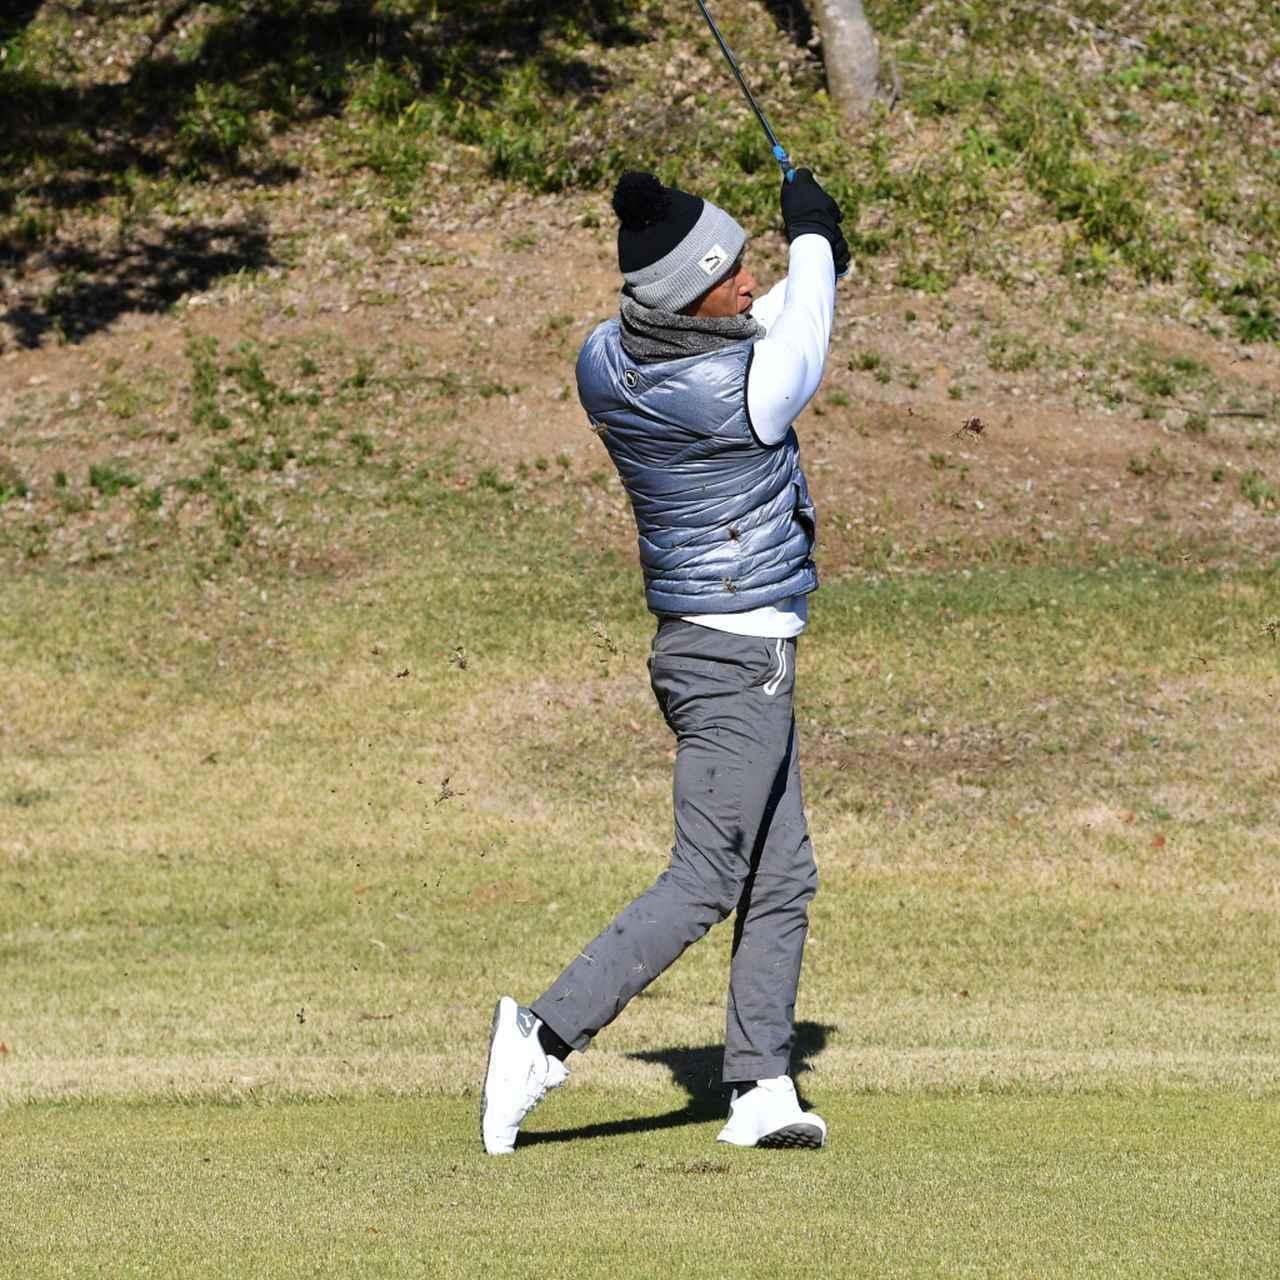 画像10: 【冬ゴルフのスコアメーク】今すぐ試したいテクニック「ティショット&セカンド編」。ベストスコアを冬に出す